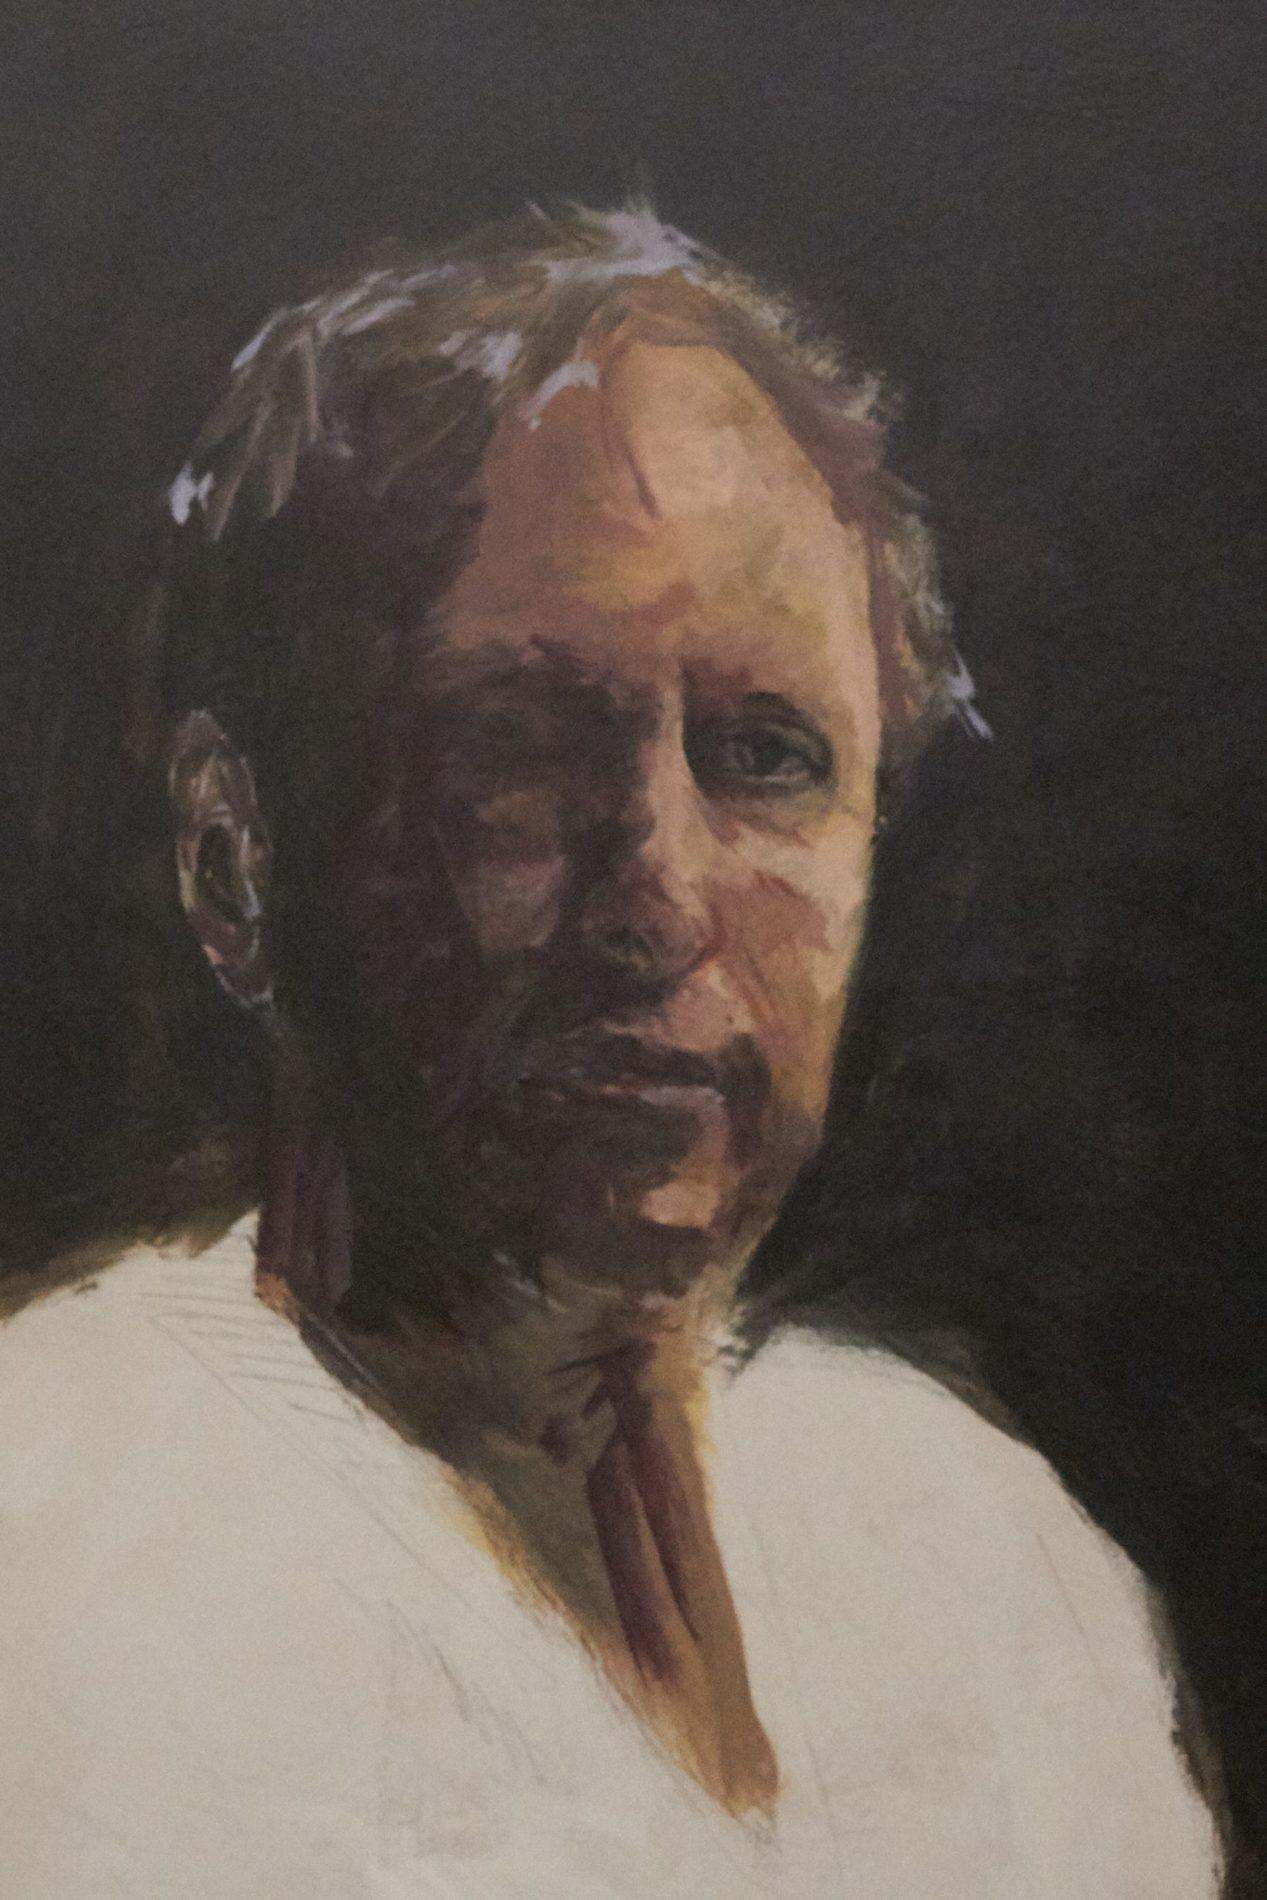 Jeroen Self Portrait - Process-8. ©Jeroen Carelse